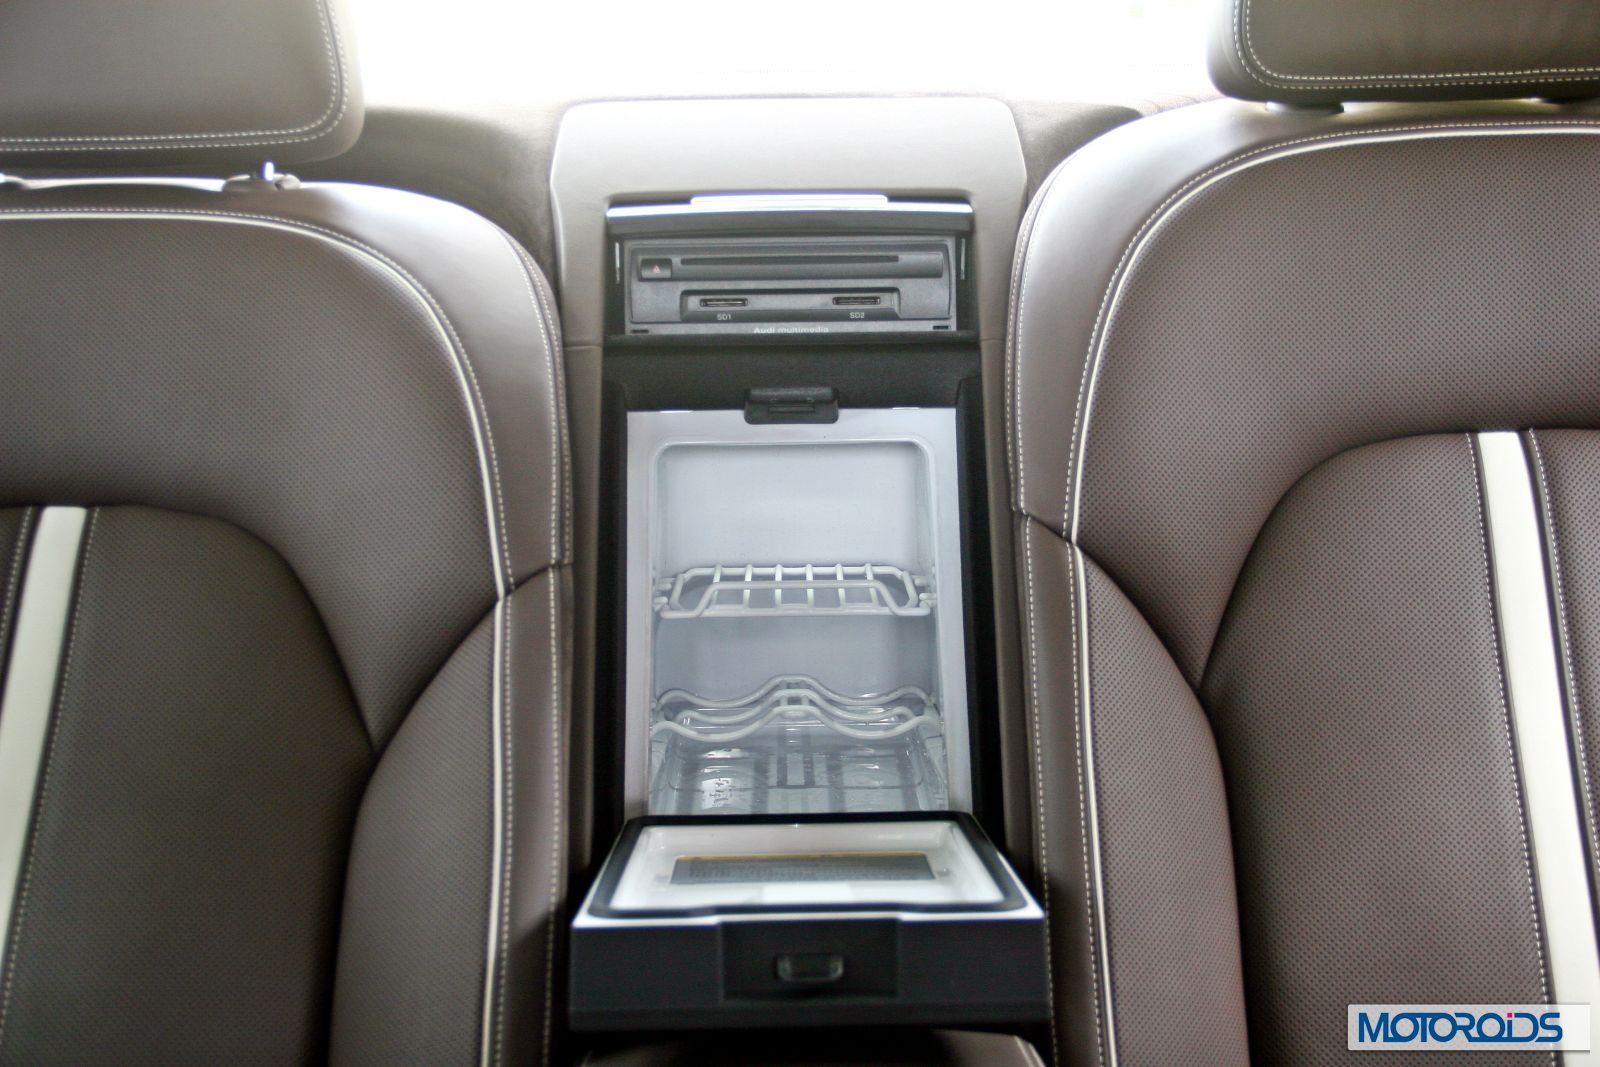 2014 Audi A8l Interior 19 Motoroids Com